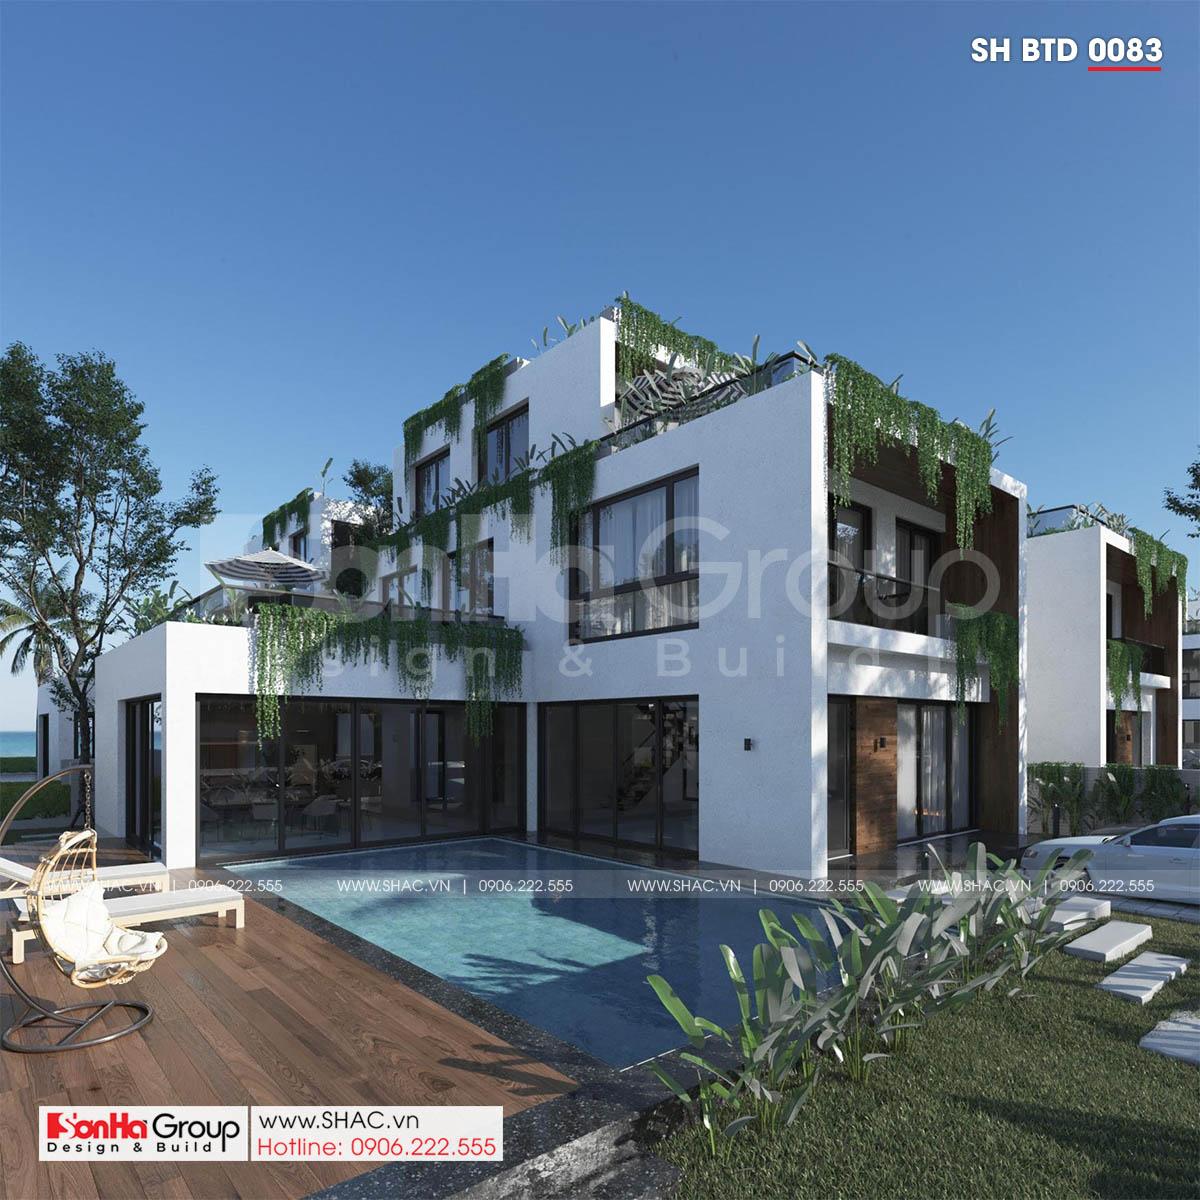 Cuộc sống như mơ trong ngôi biệt thự nghỉ dưỡng 500m2 thiết kế hiện đại tại KĐT Phương Đông Vân Đồn (Quảng Ninh) 2